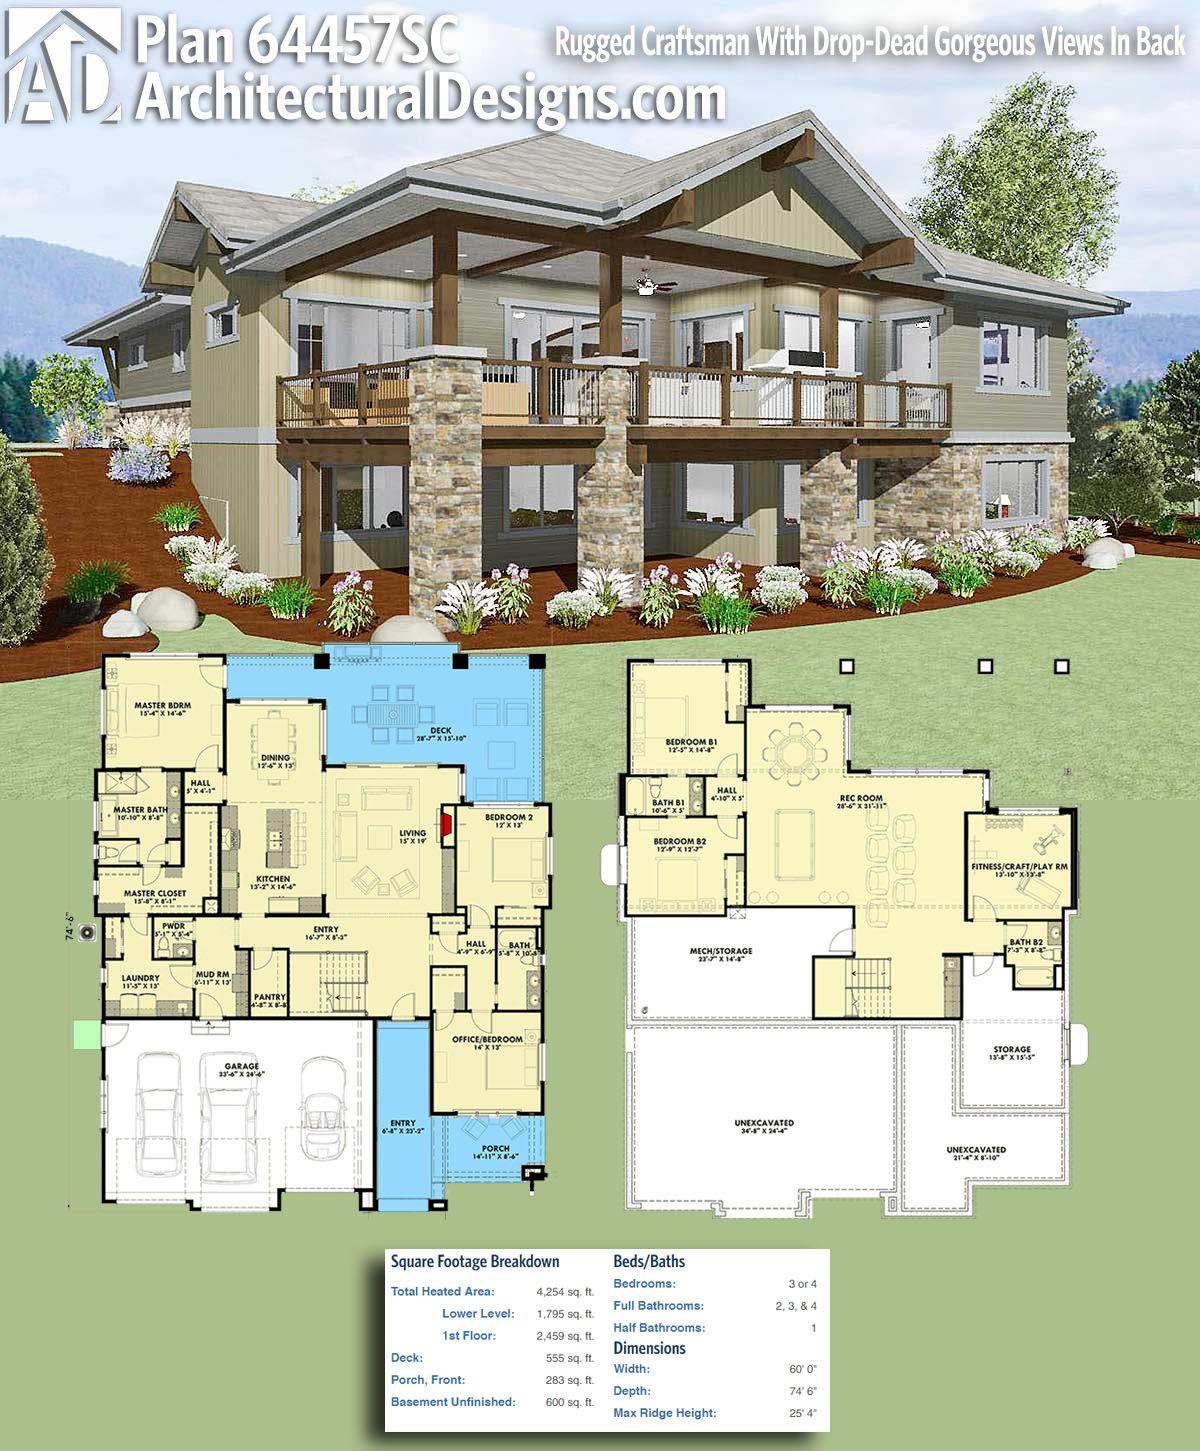 plan 64457sc rugged craftsman